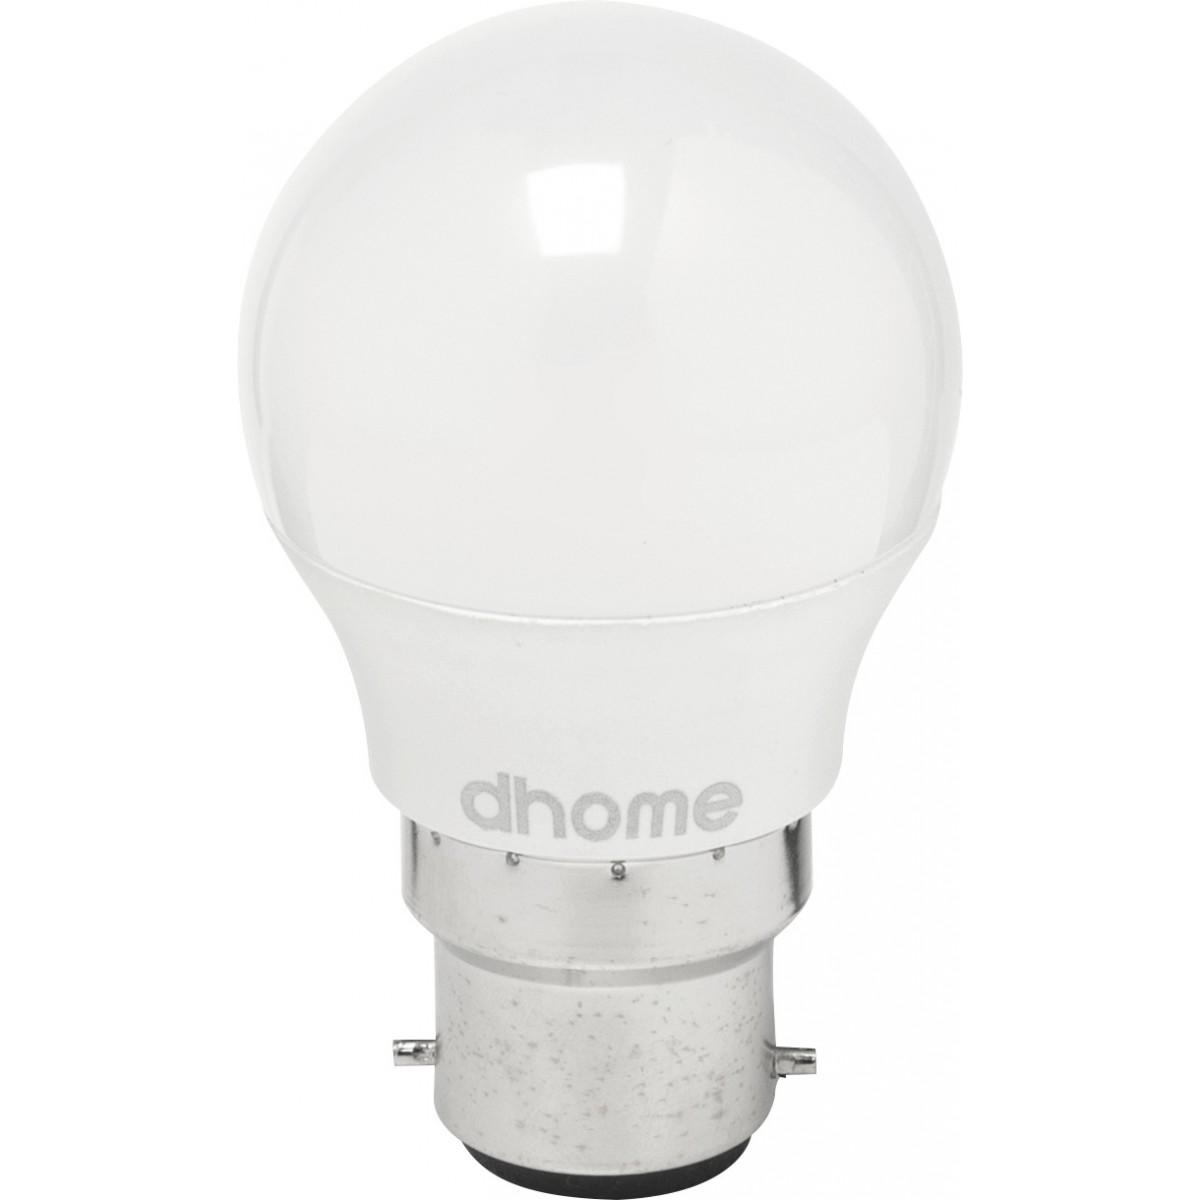 Ampoule LED sphérique B22 dhome - 470 Lumens - 5 W - 2700 K